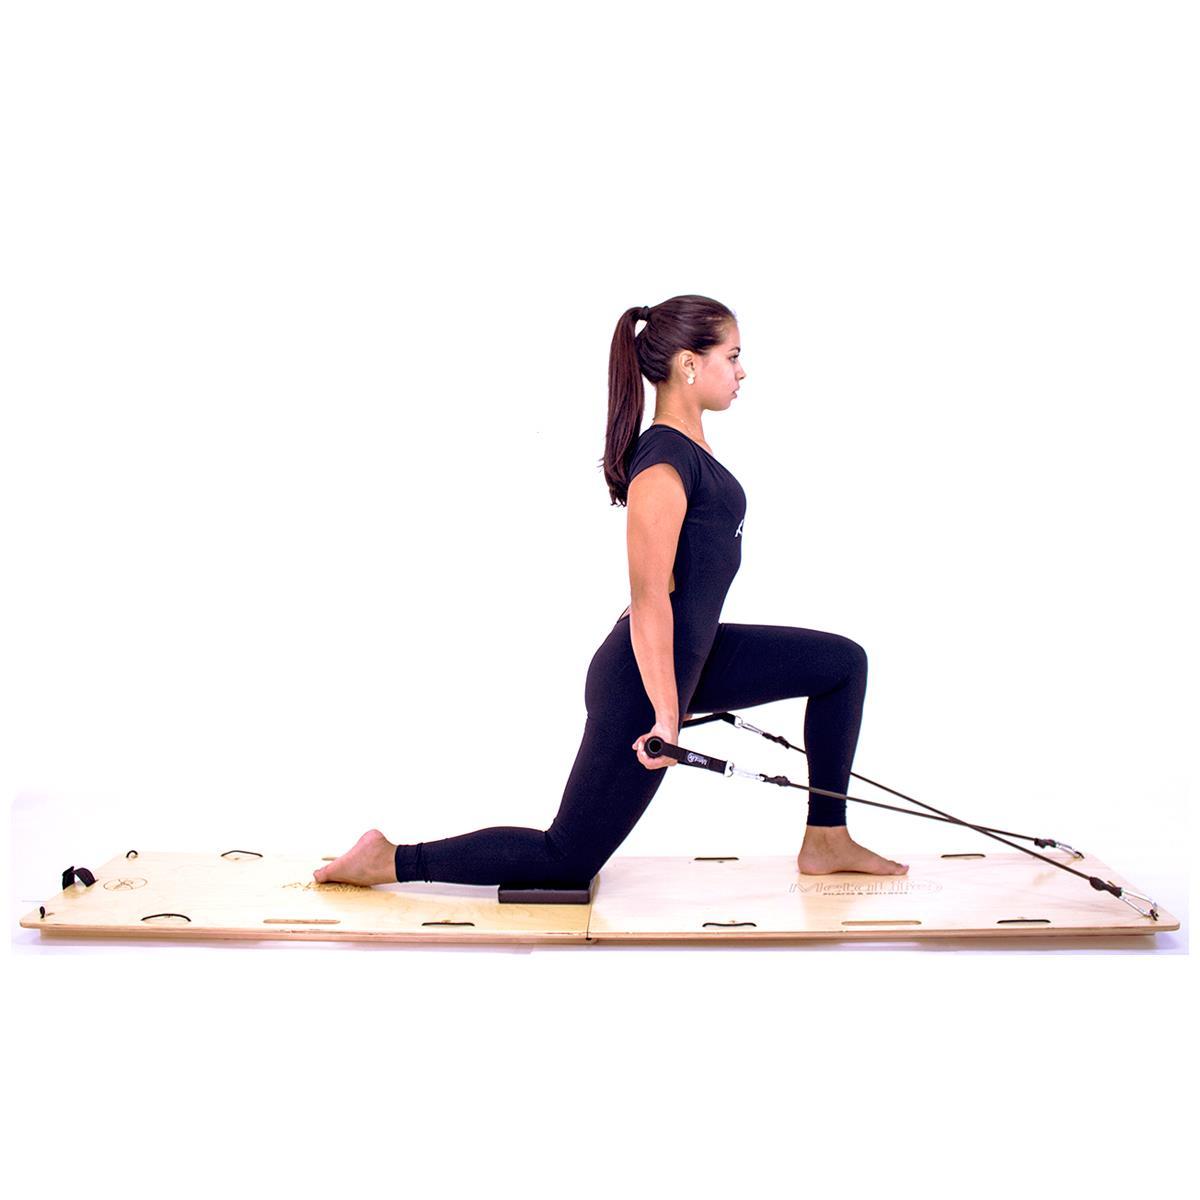 Aparelho De Pilates Portátil Plank - Metalife